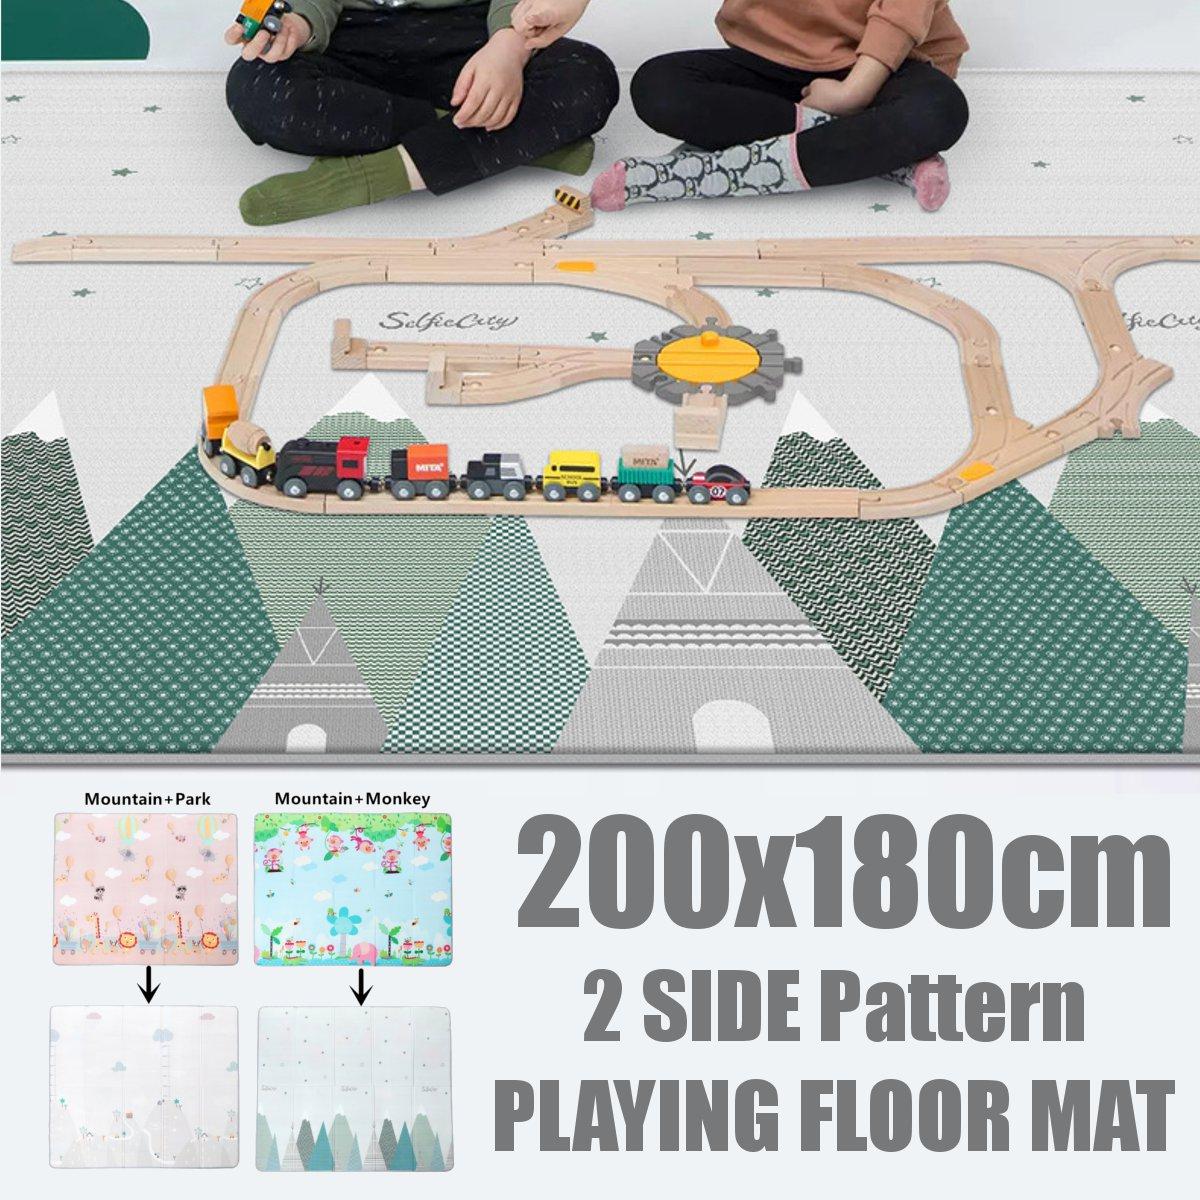 Pliable LDPE bande dessinée bébé tapis de jeu 200*180cm enfants Puzzle tapis bébé ramper tapis de jeu enfants tapis bébé jeux tapis